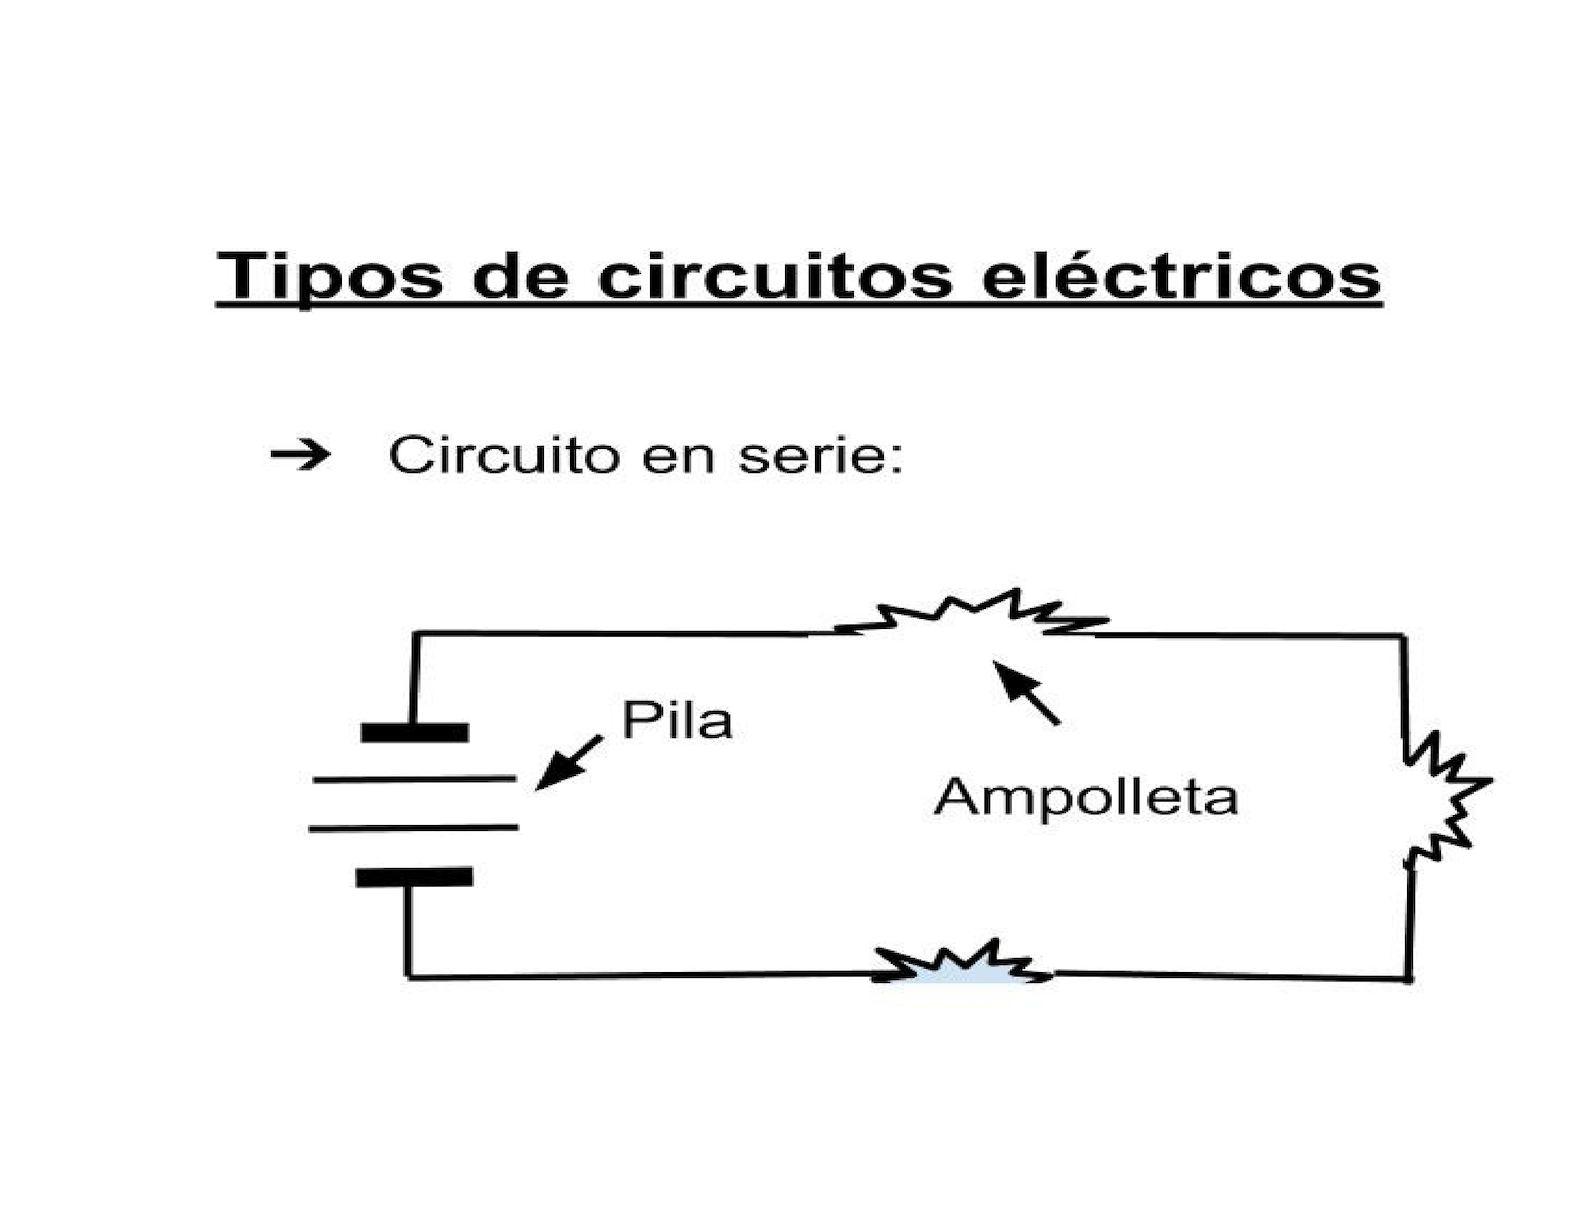 Circuito And : Calaméo tipos de circuitos electricos